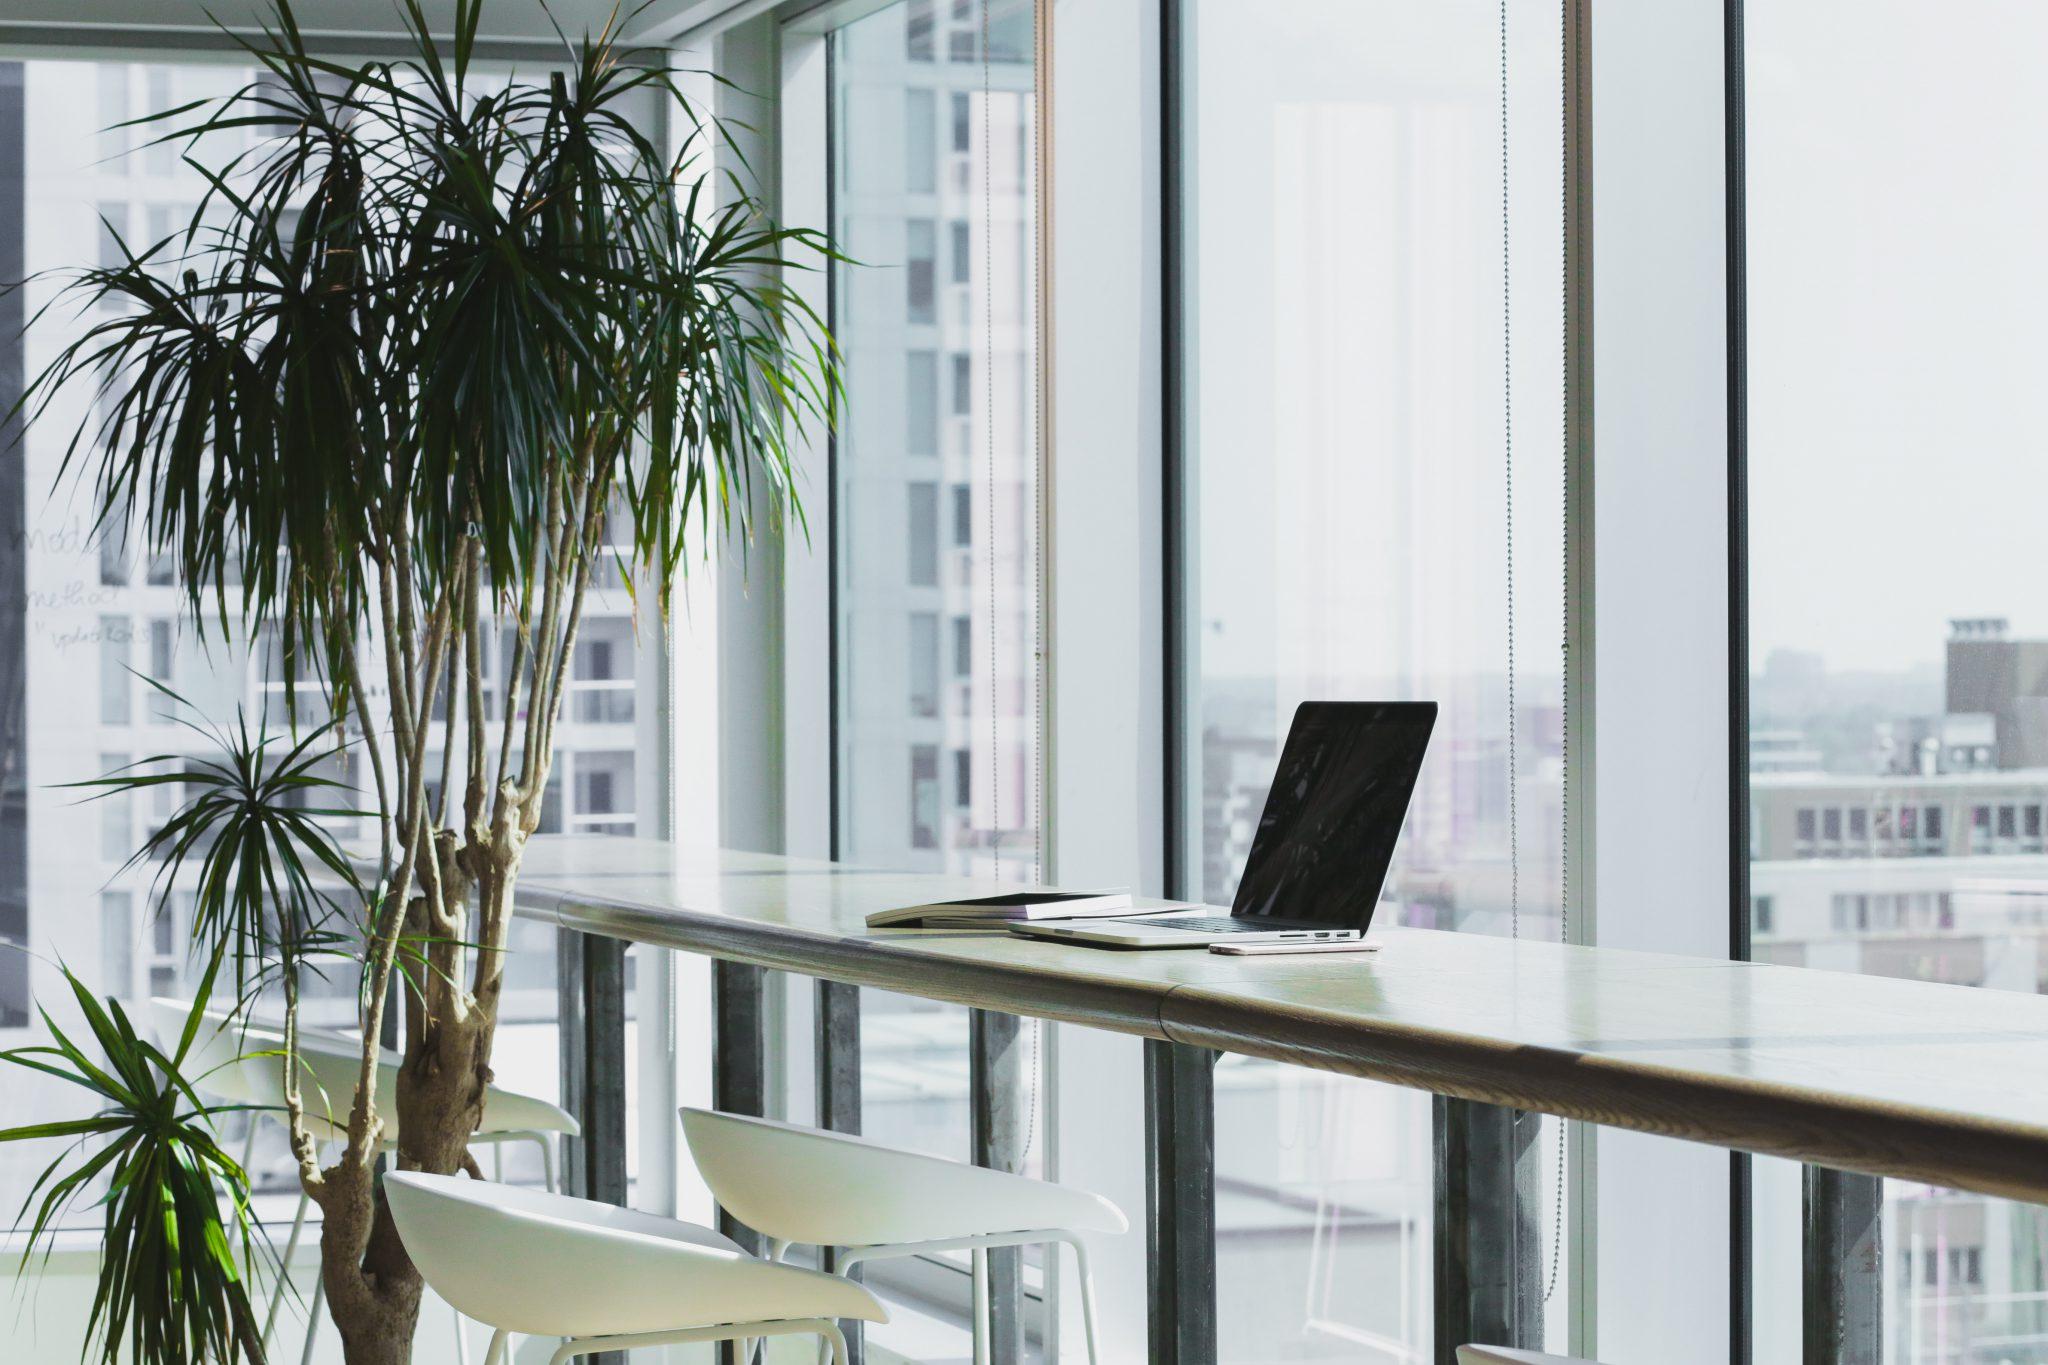 就活の業界研究に役立てよう!IT業界の詳しい仕事内容を徹底解説